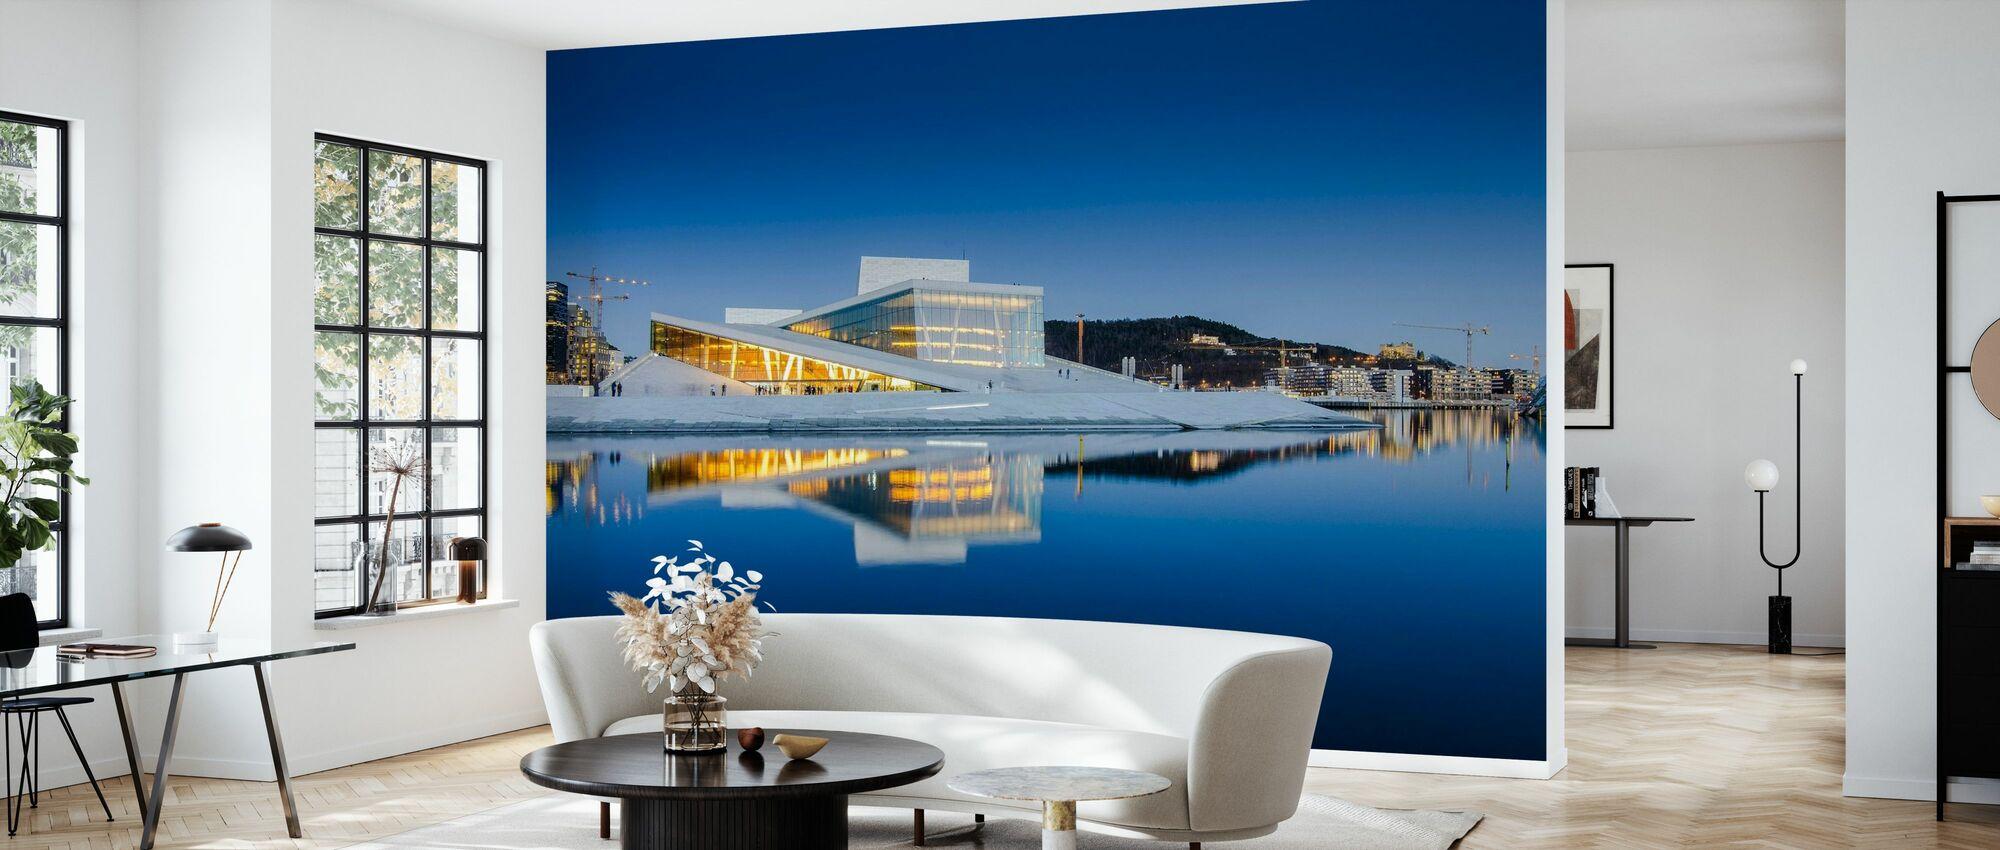 Oslo Opernhaus bei Nacht - Tapete - Wohnzimmer